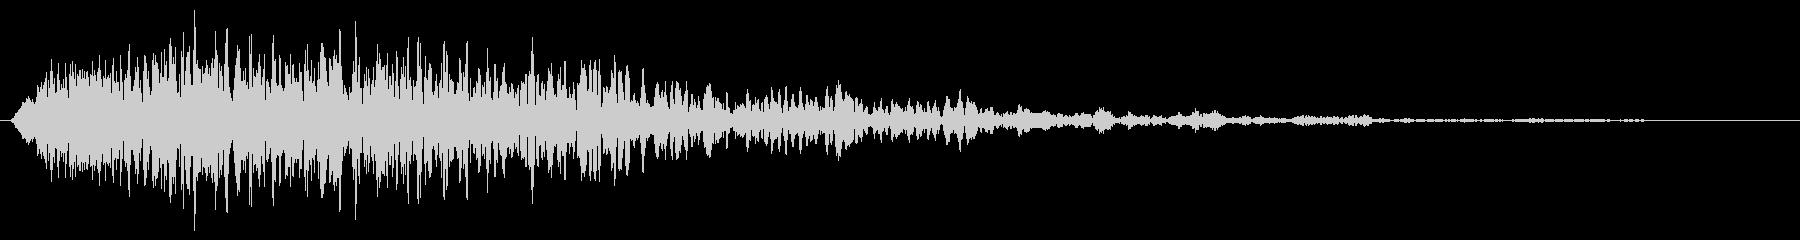 ヒューン①↓(落下音・ステータス下降)の未再生の波形